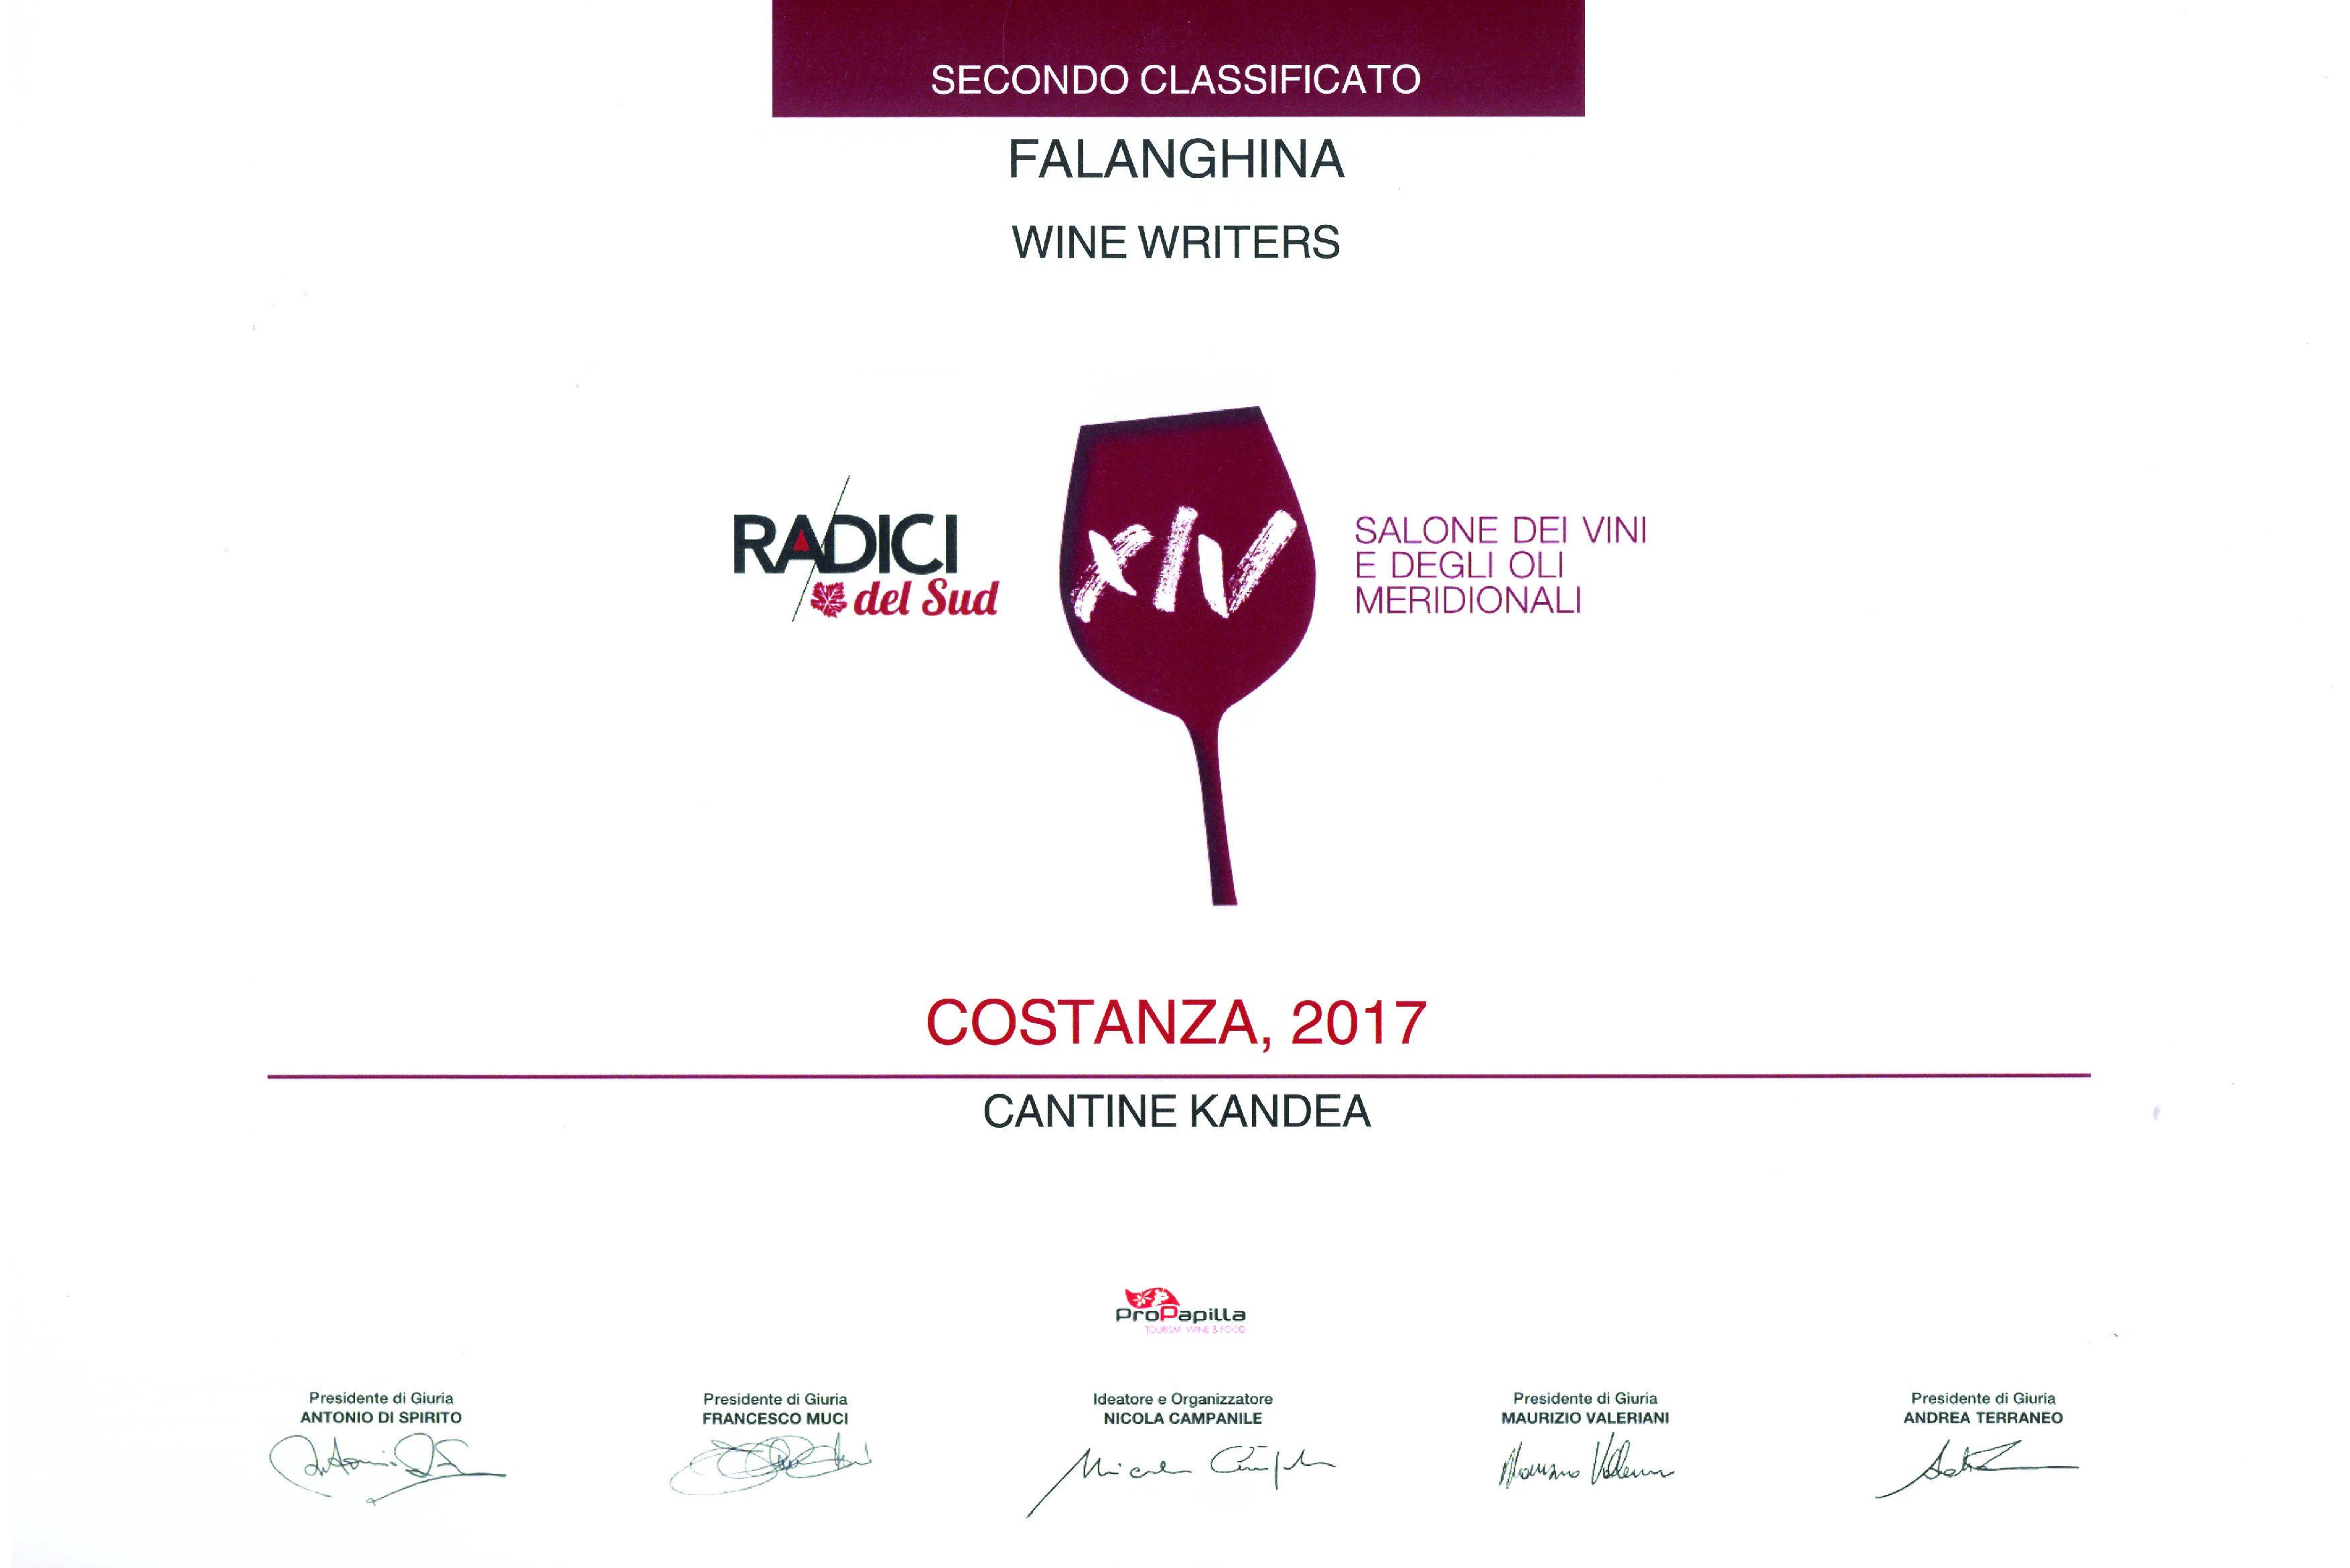 COSTANZA 2017 - 3° vino premiato RADICI 2019